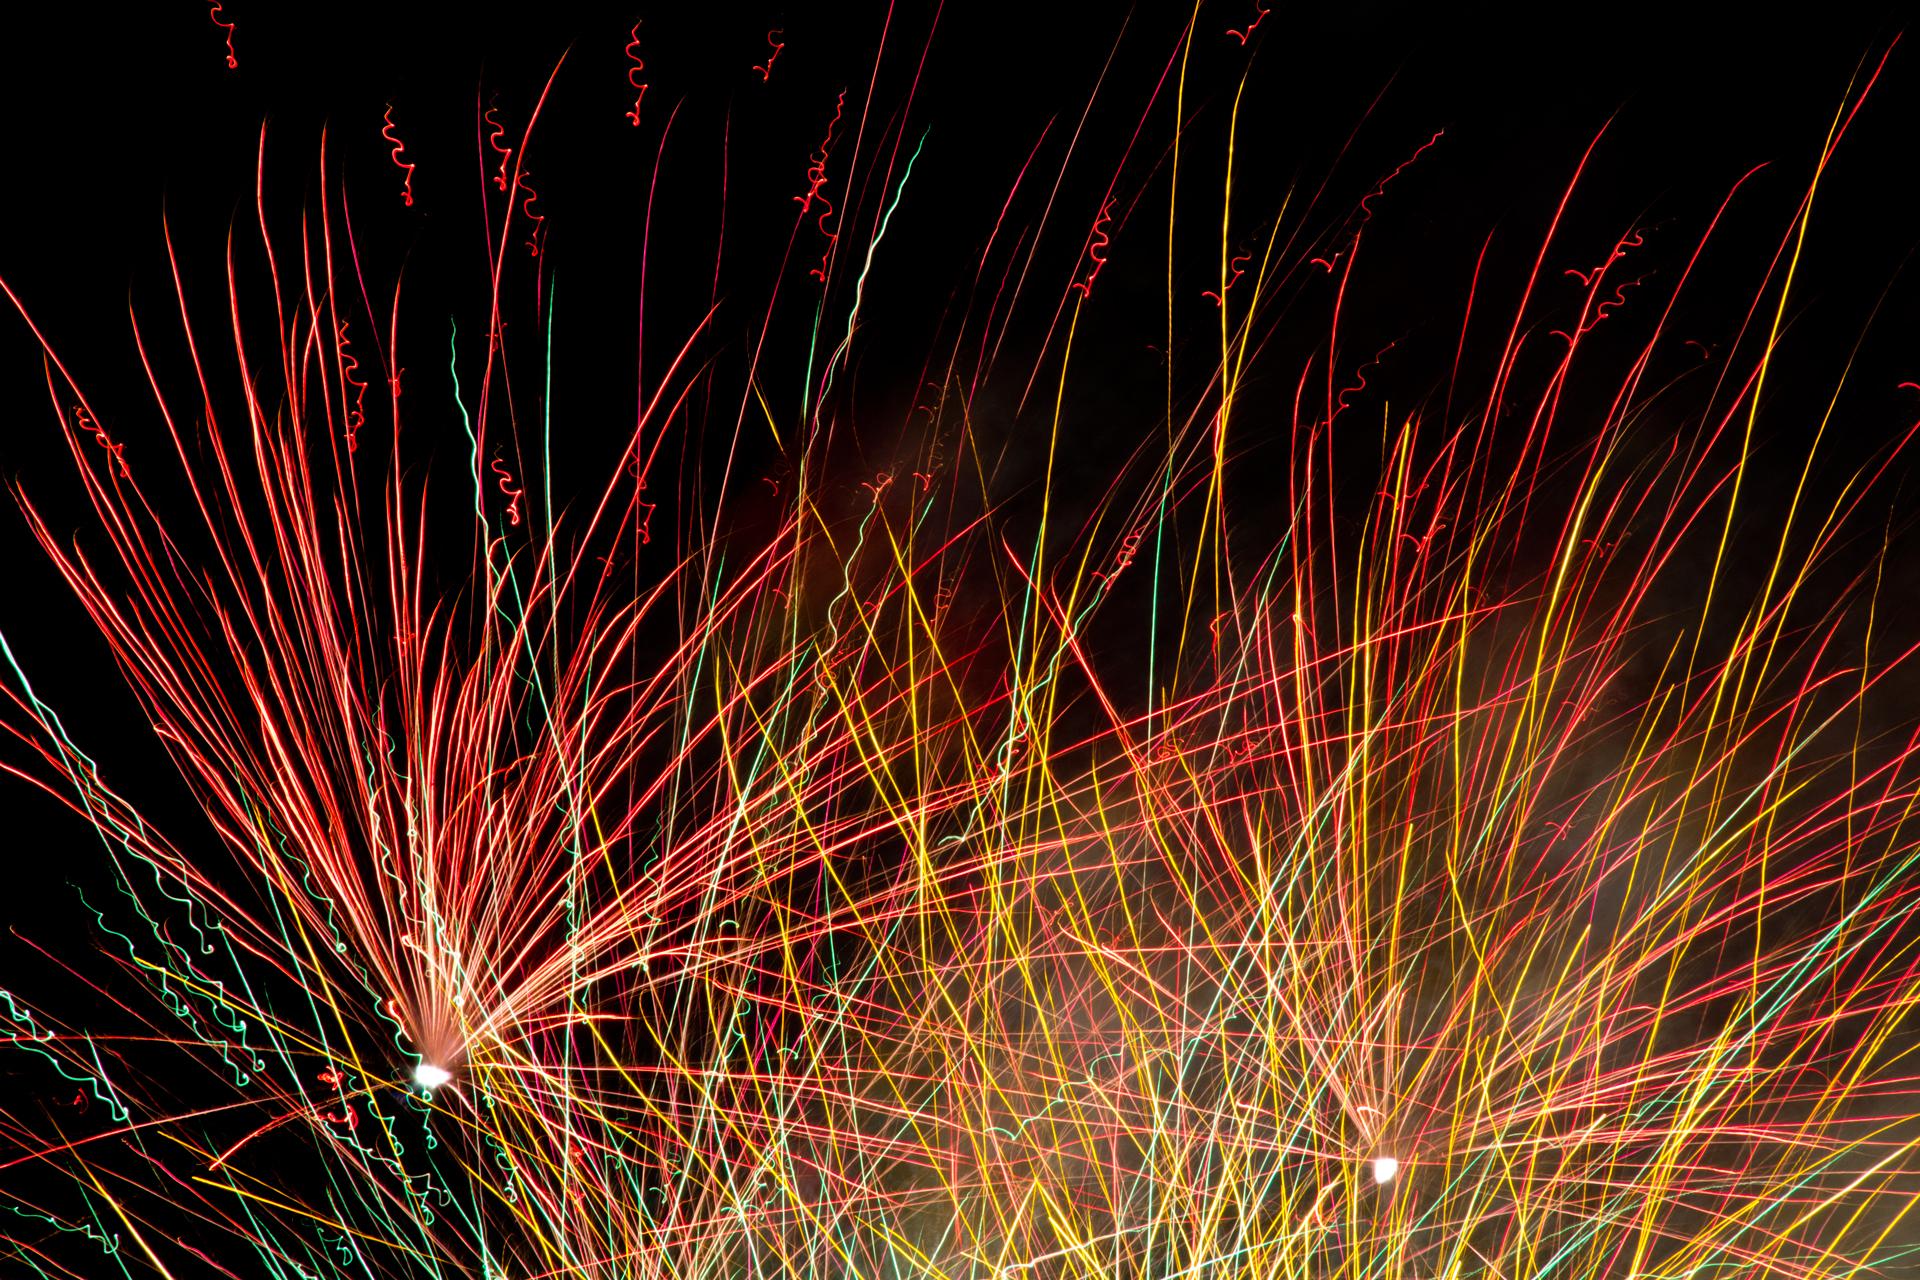 Fireworks8_IMG_2691.jpg